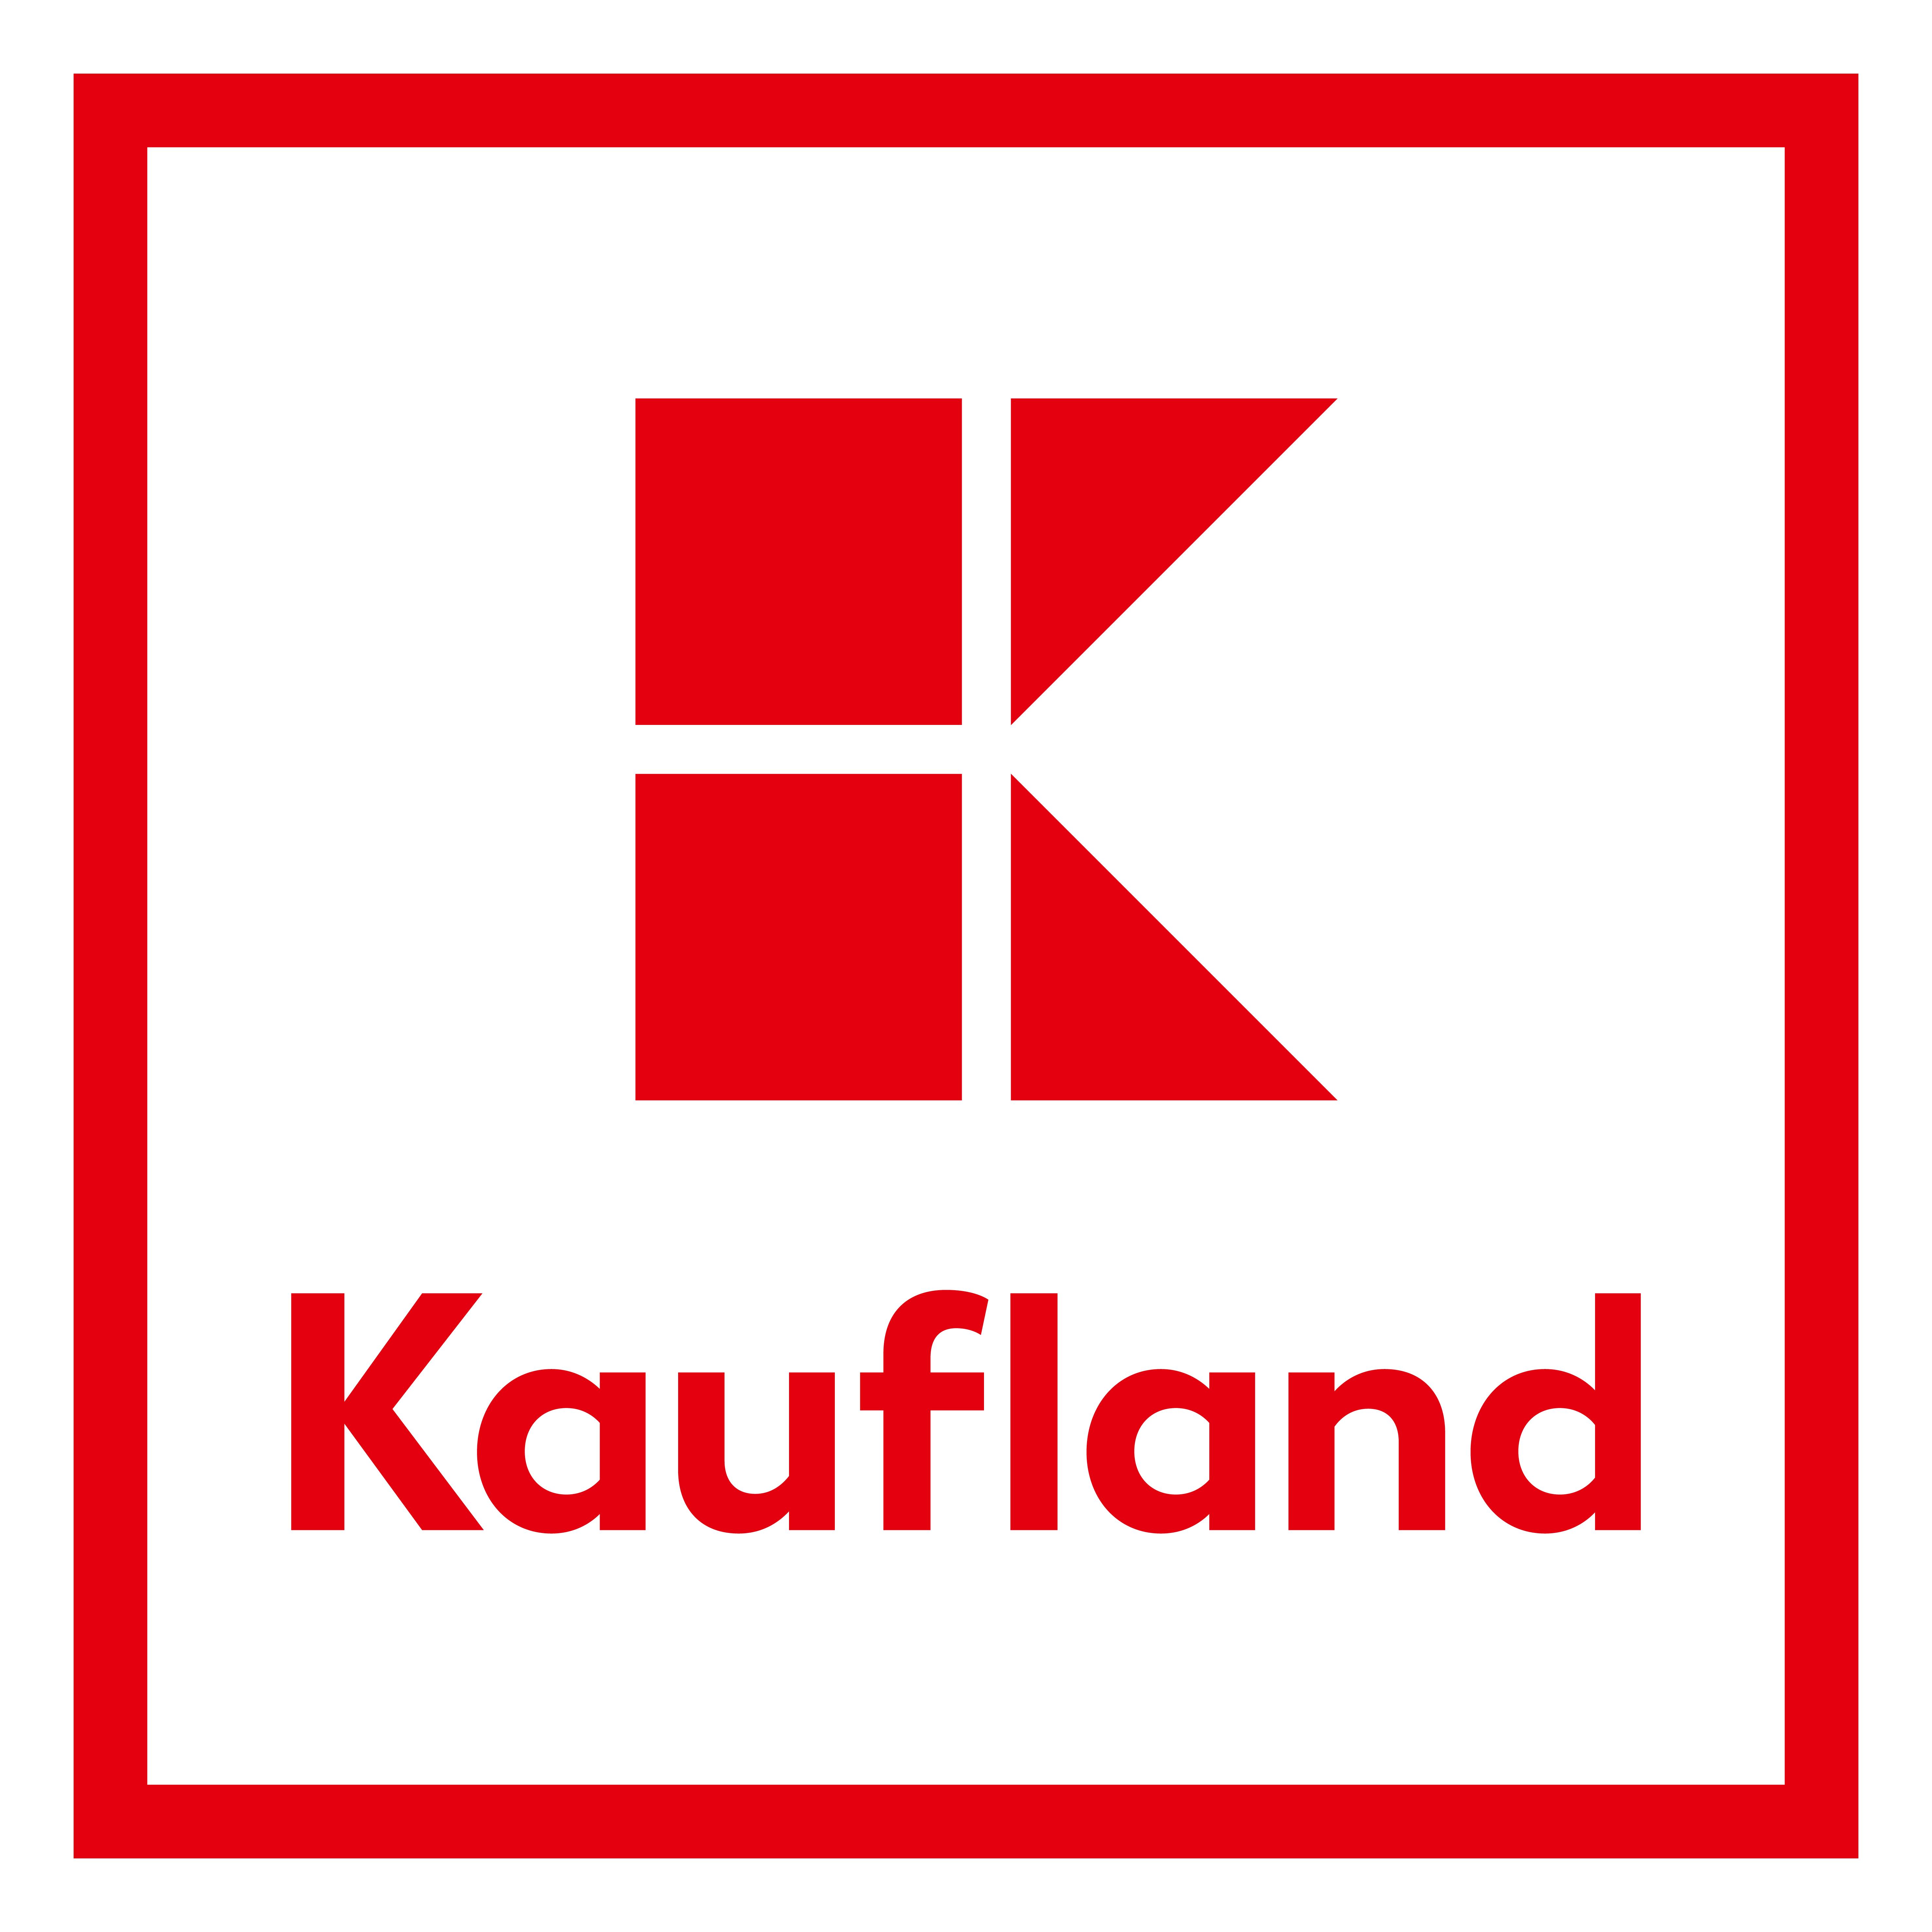 Kaufland Logo Image